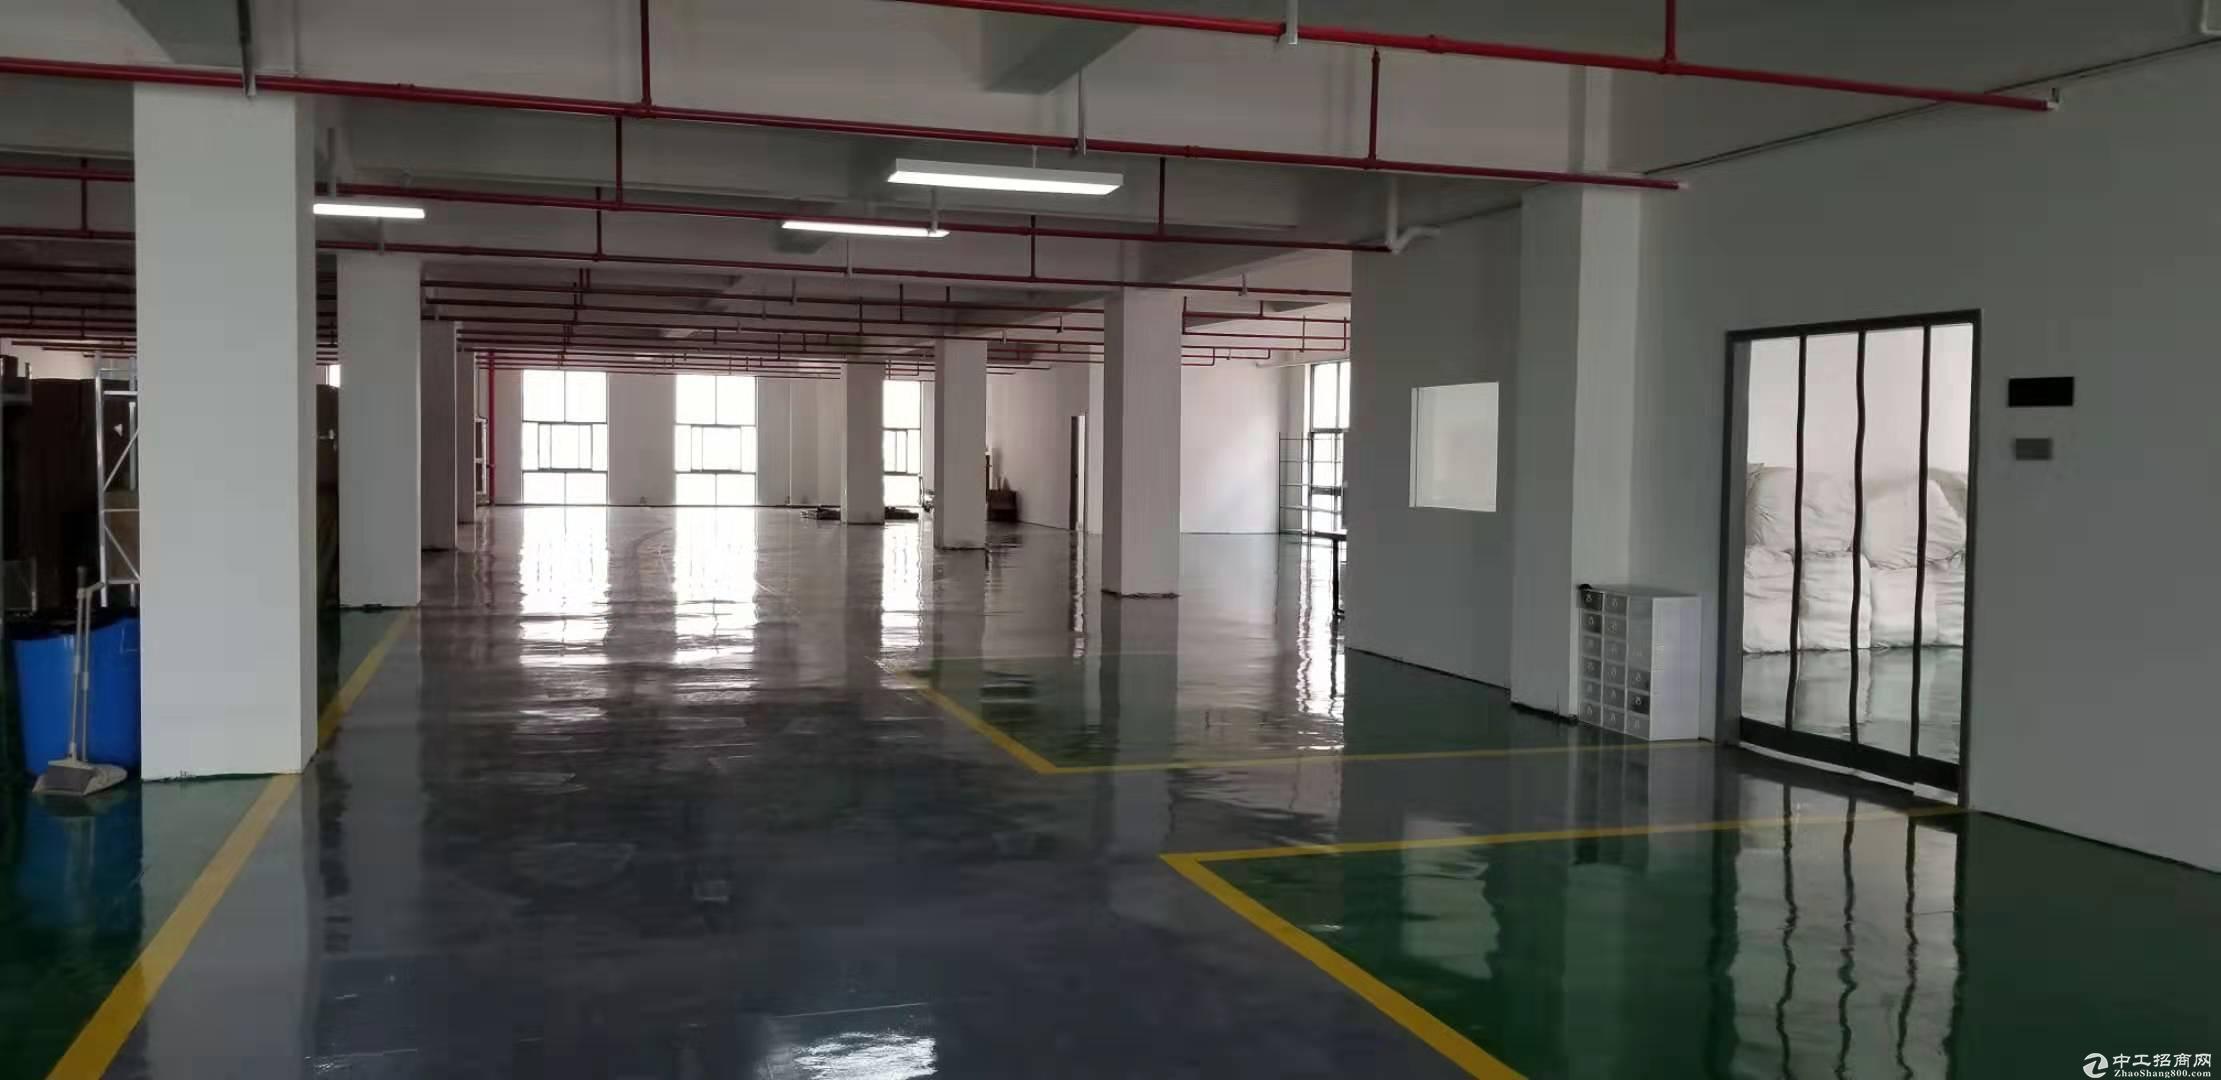 临平标准厂房出租1200方,交通便利,价格优